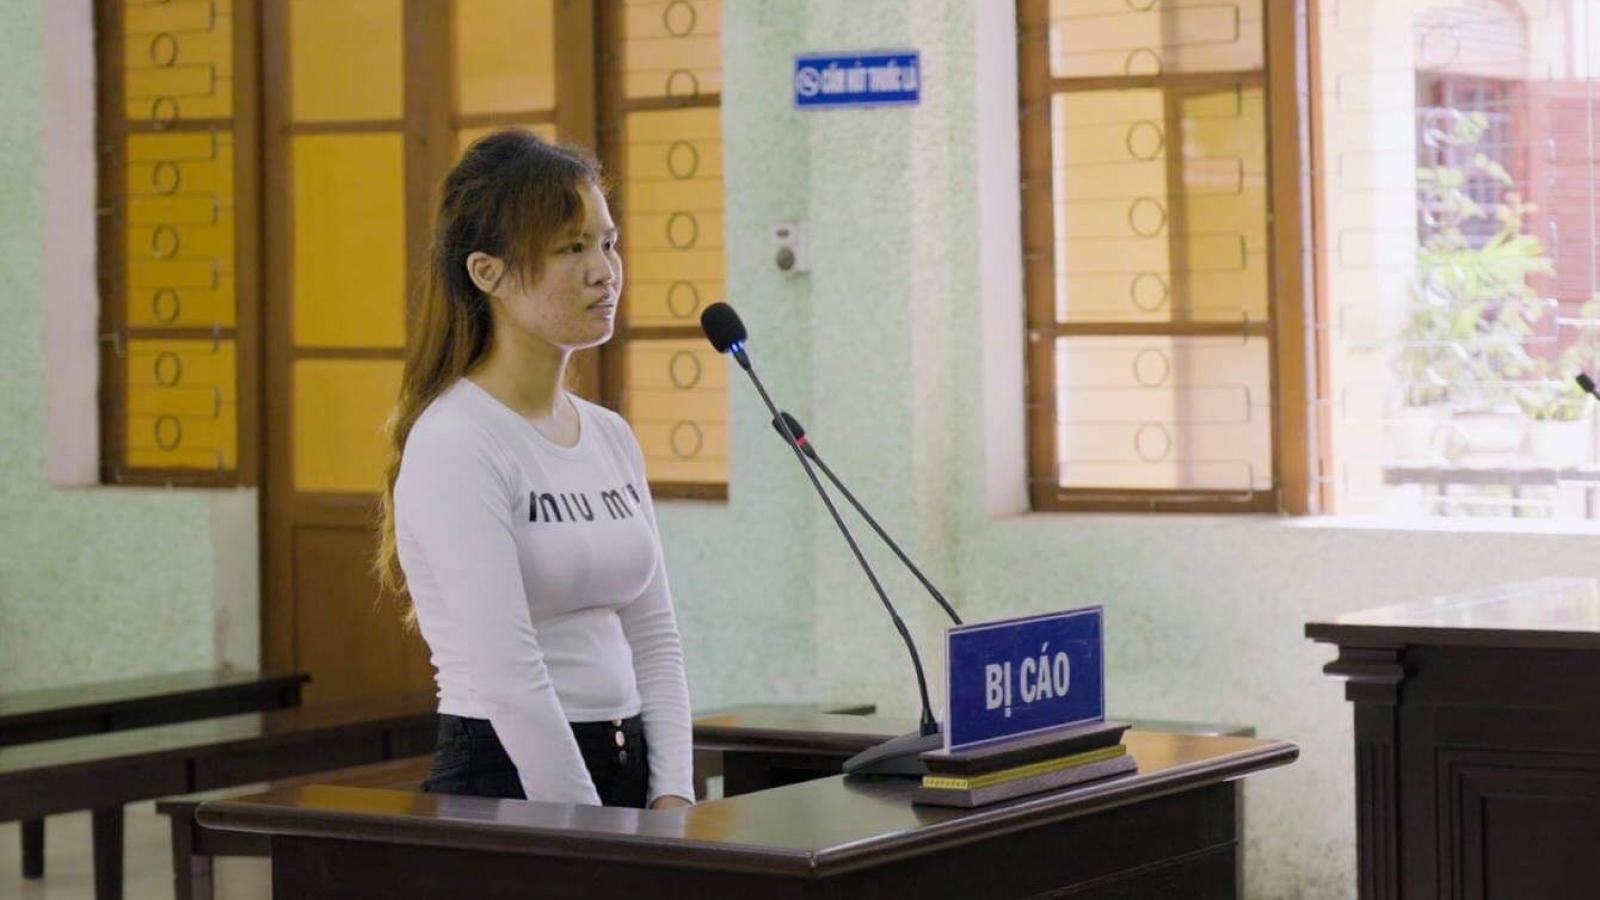 Giúp bạn vượt biên sang Trung Quốc lấy chồng, lĩnh án 12 tháng tù